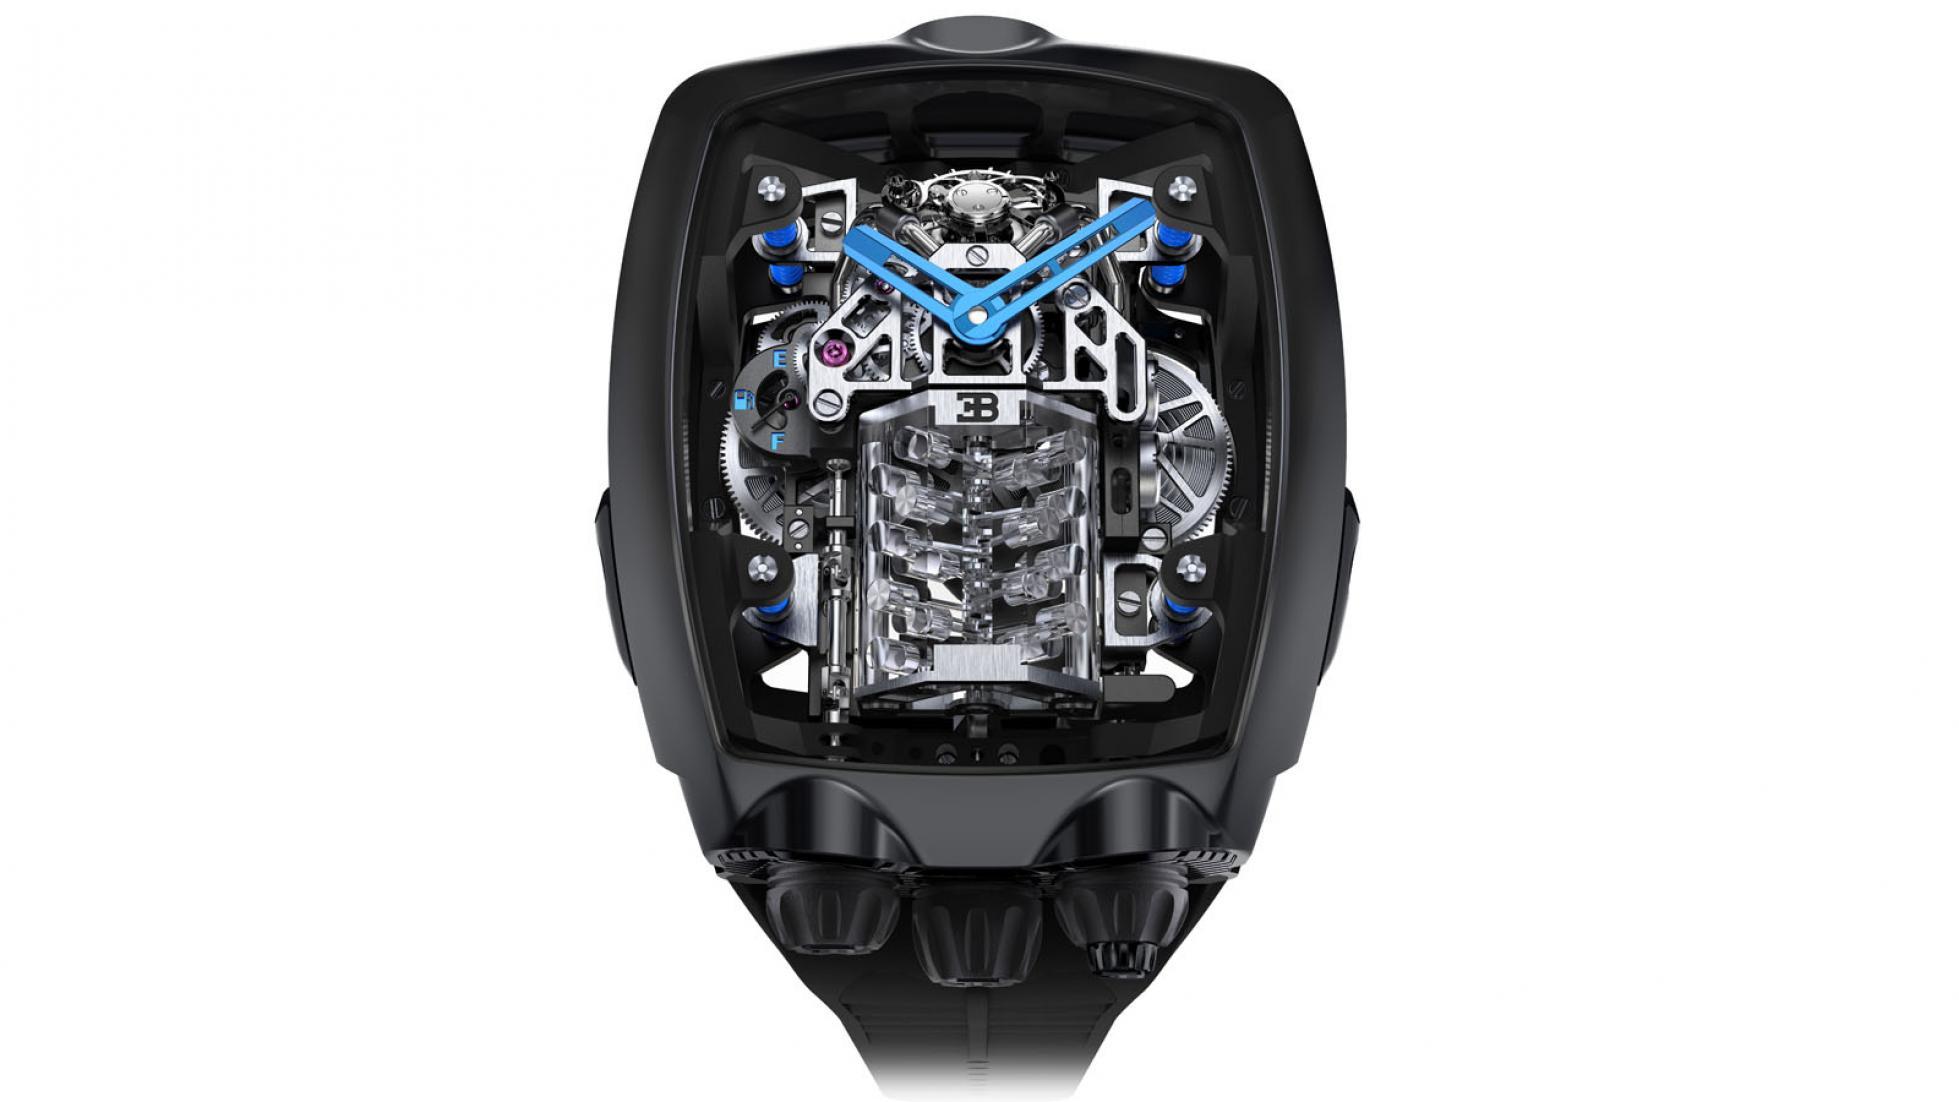 Hodinky Bugatti majú cenu drahého auta a miniatúrny šestnásťvalec rLwlDjCdy4 jacob-co-bugatti-chiron